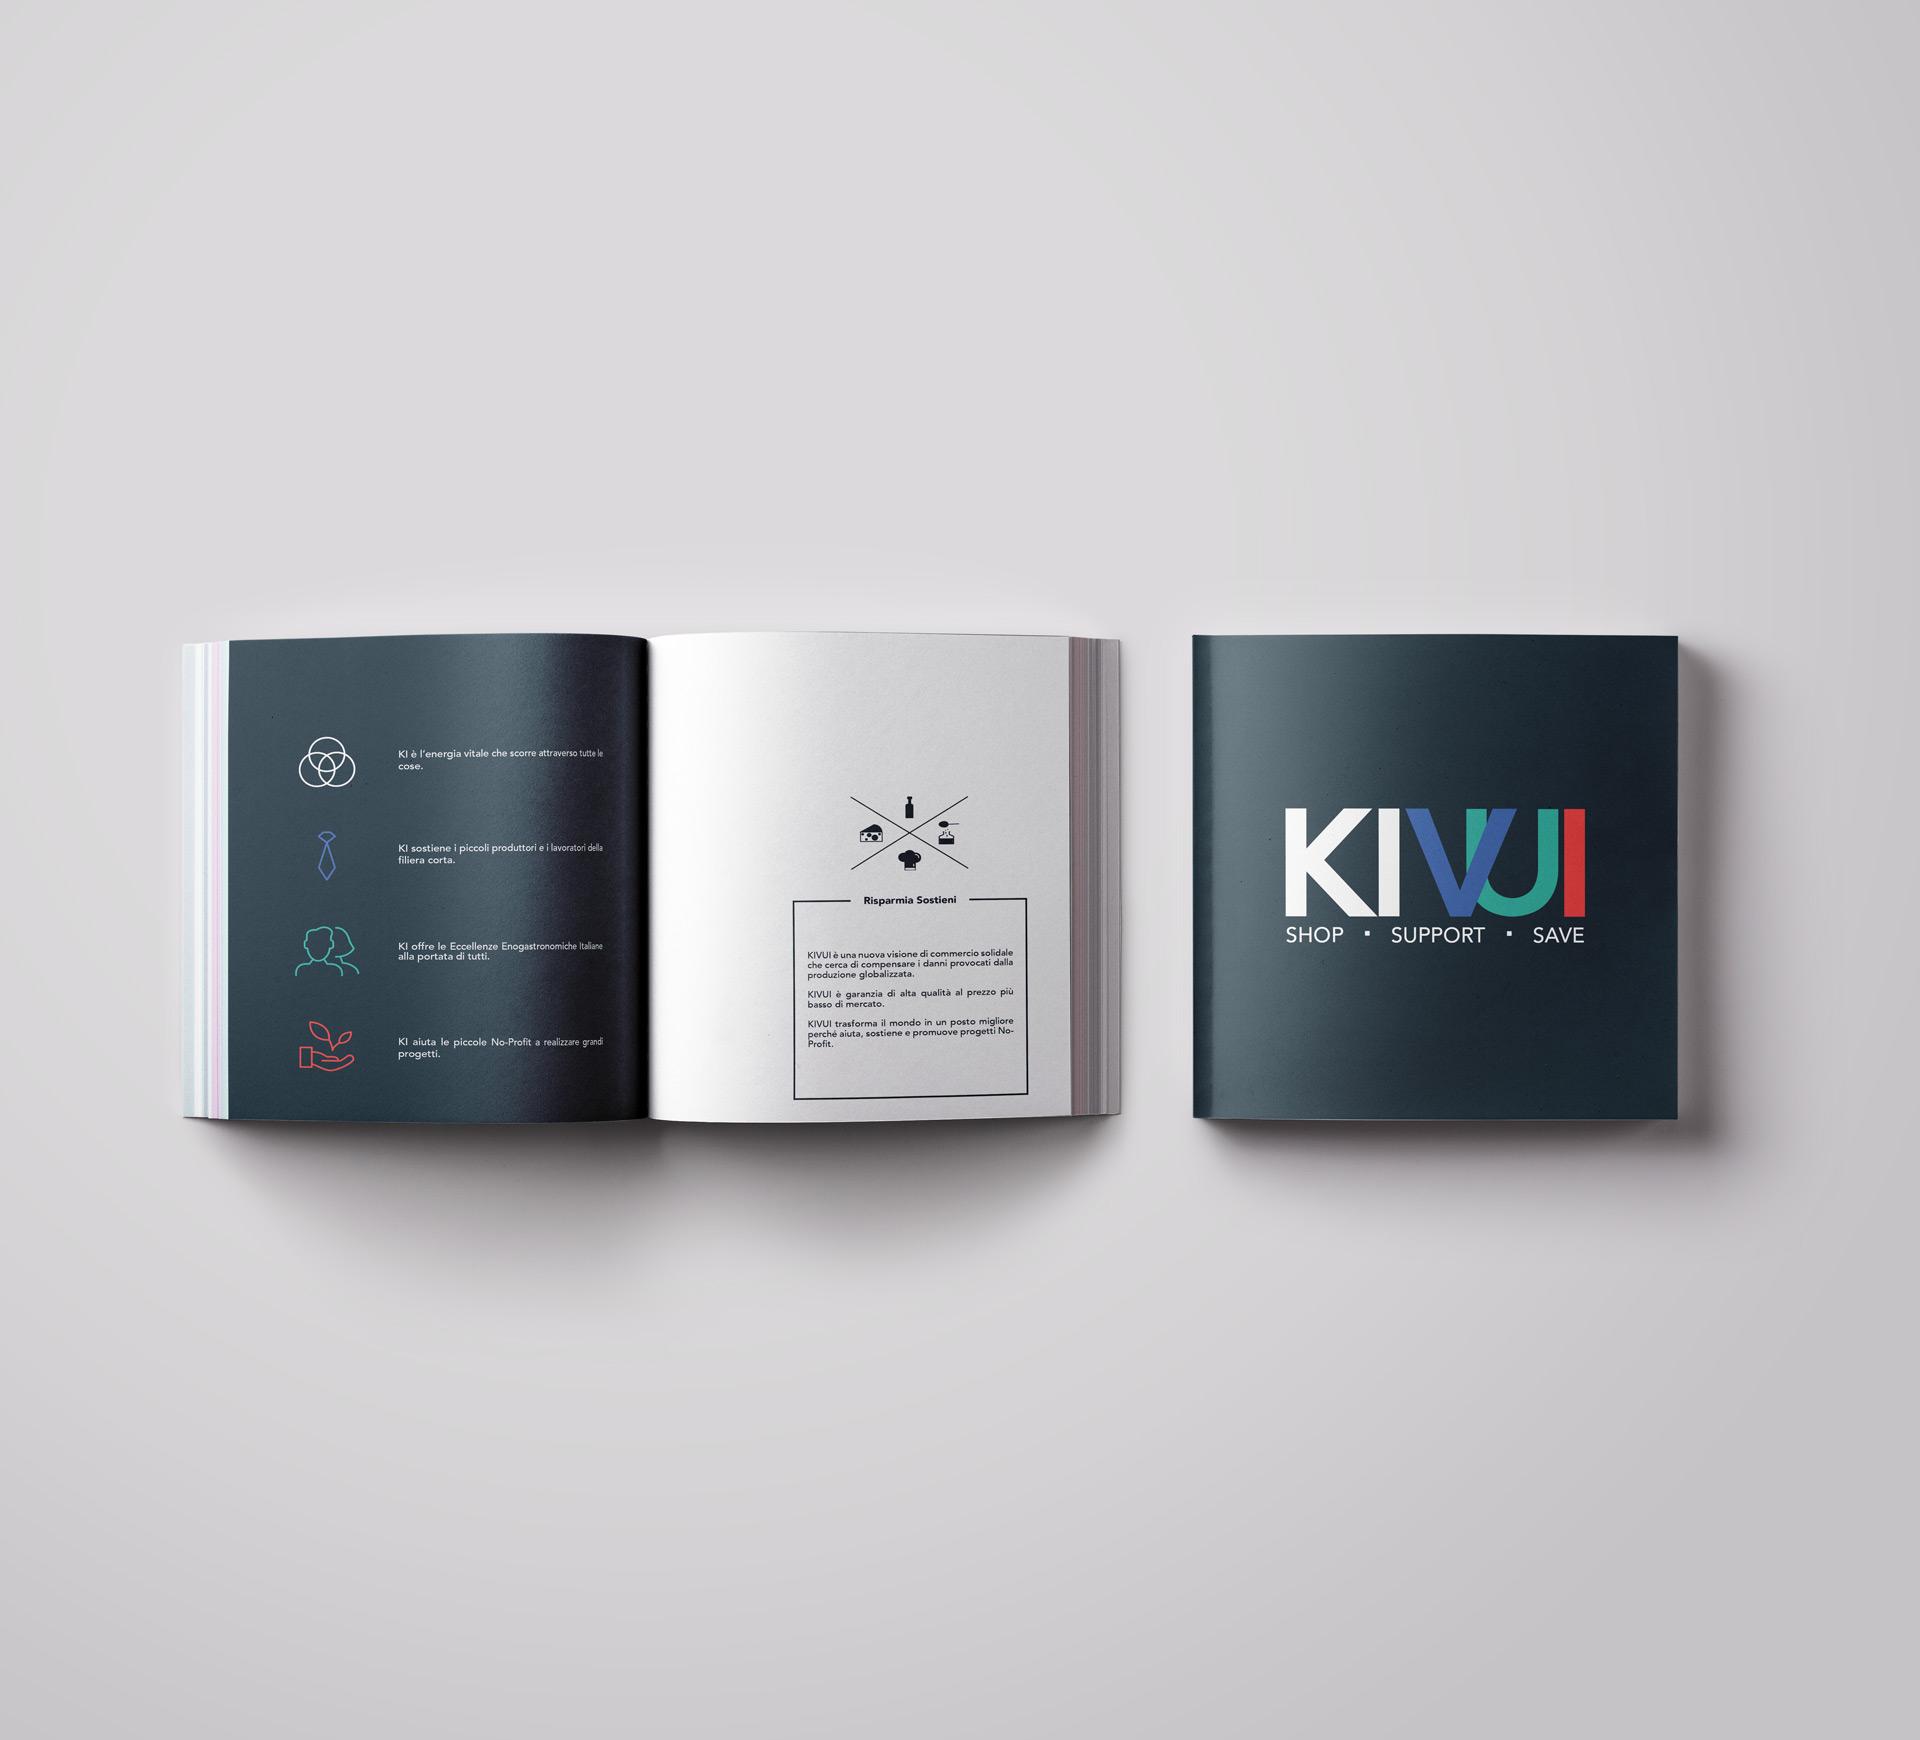 portfolio-kivui-at-elevendots-3